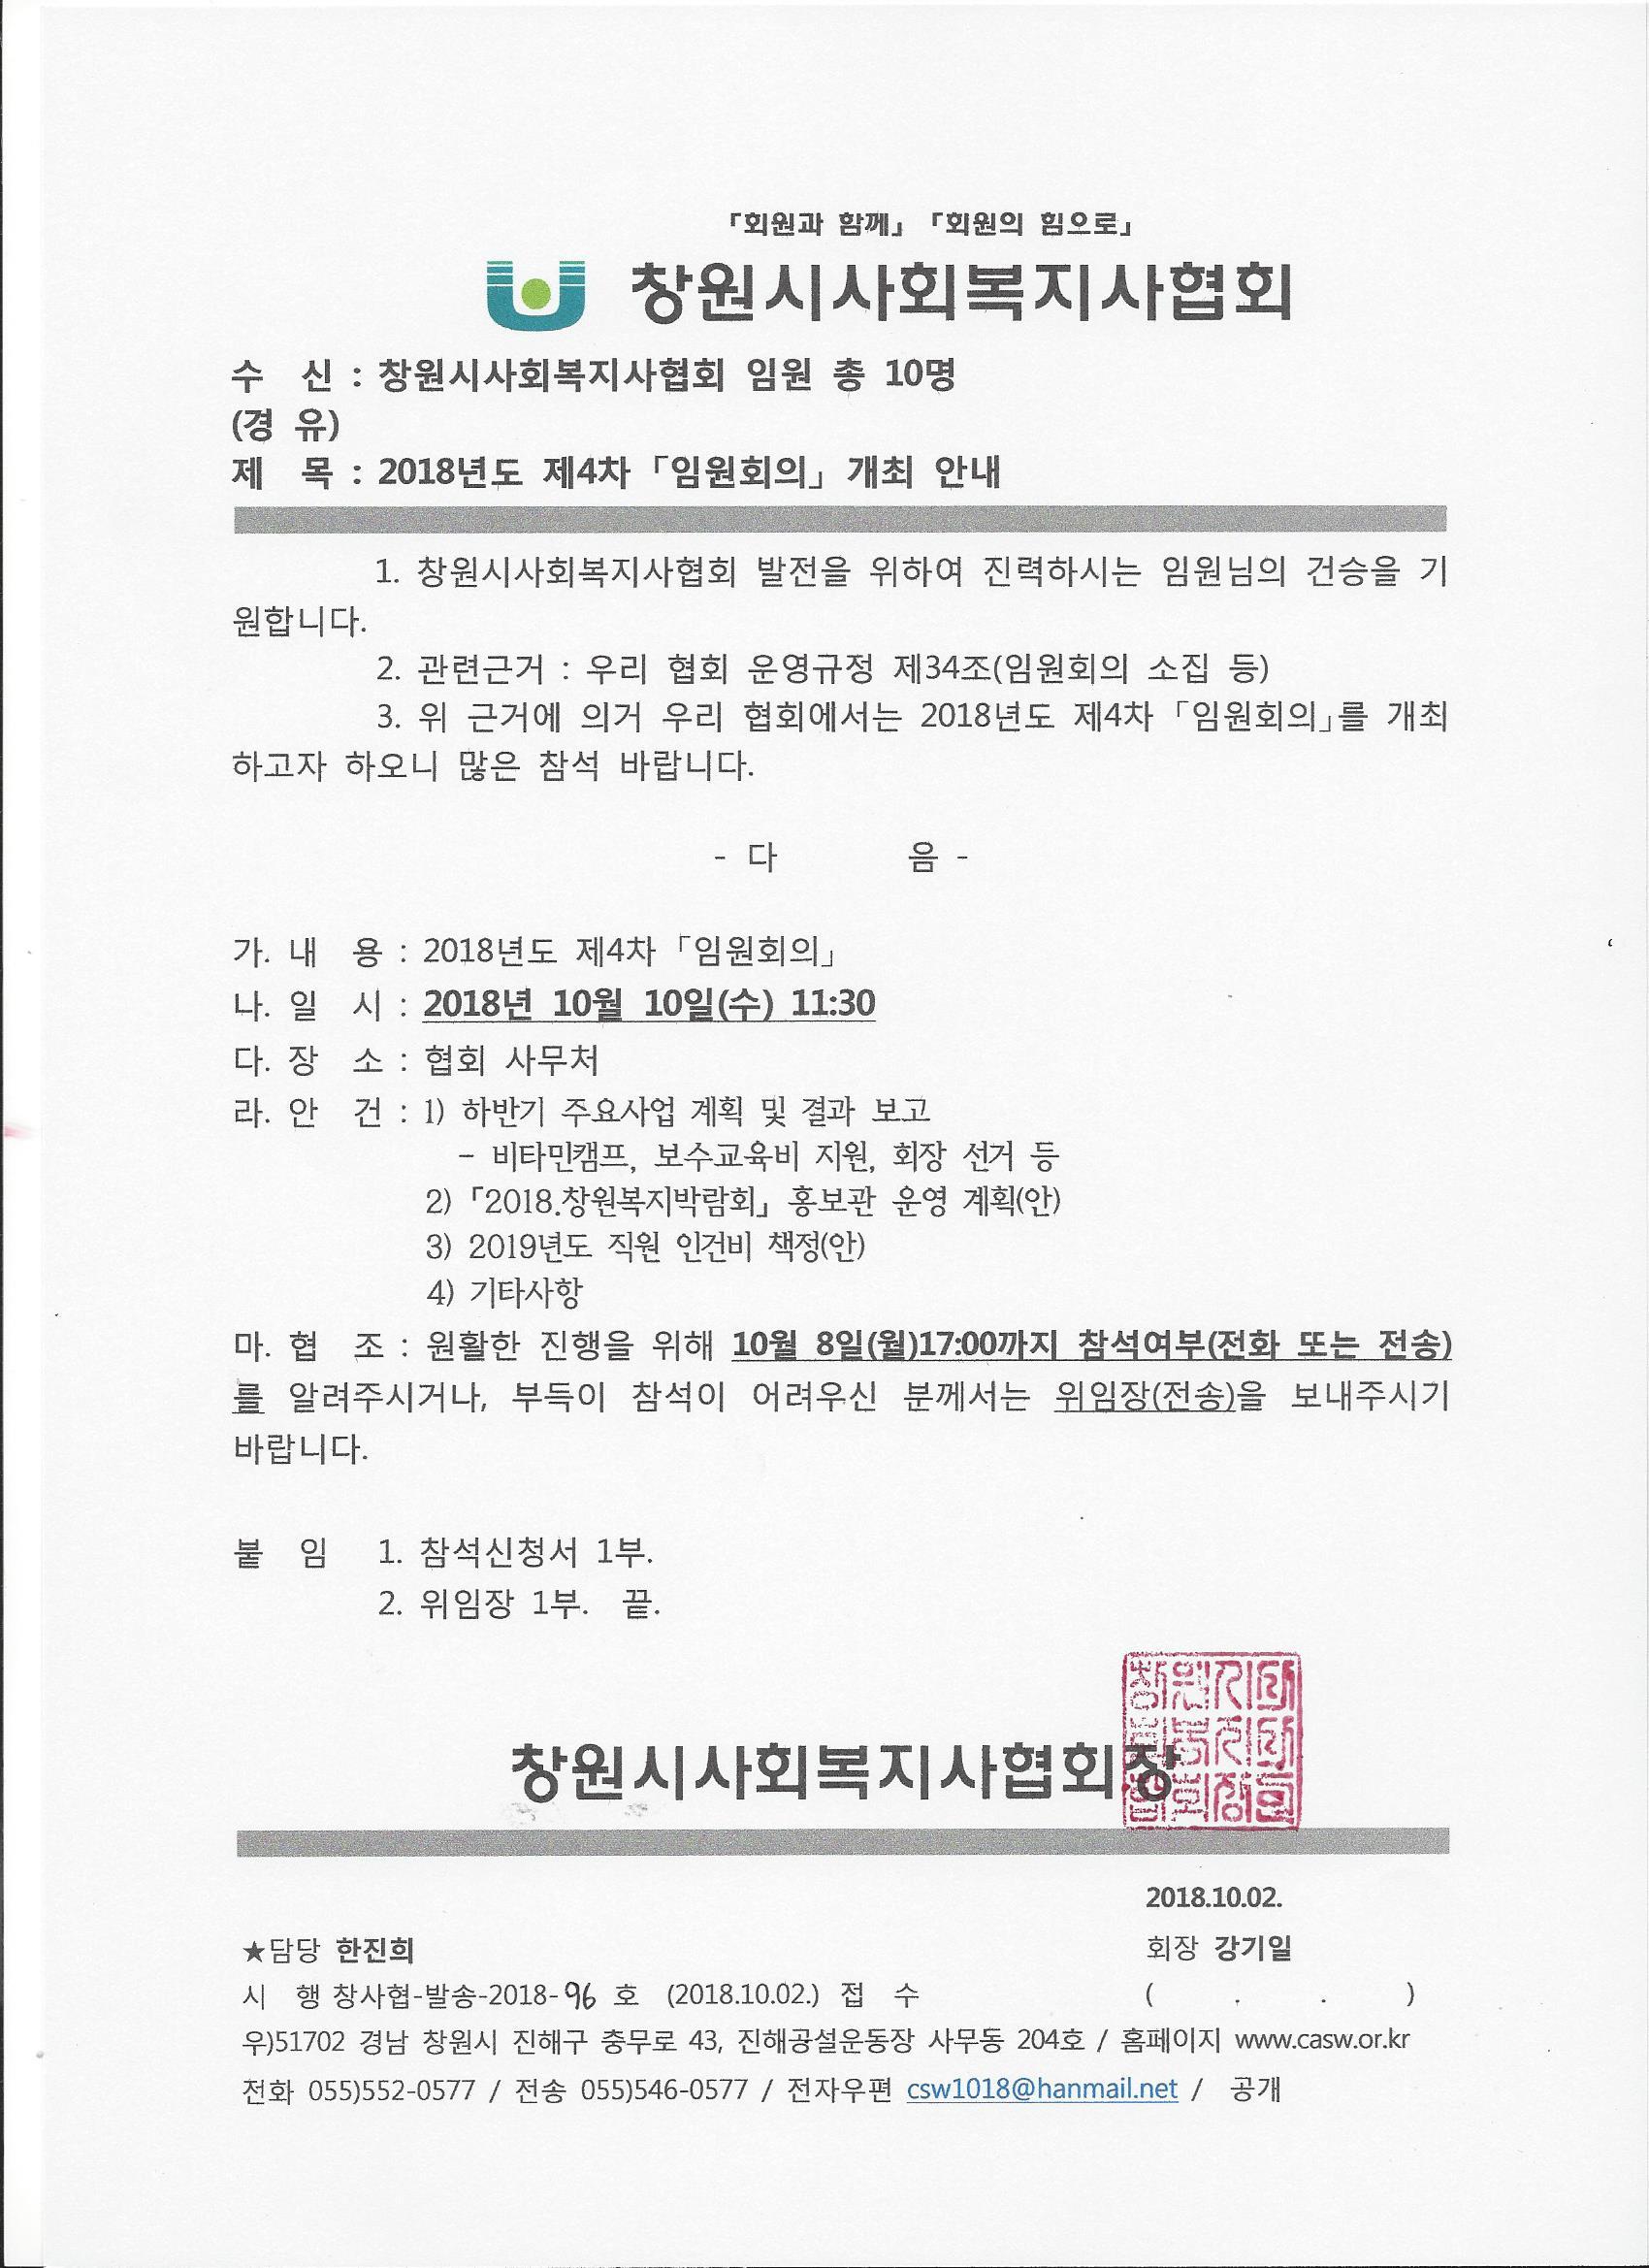 공문-제4차 임원회의 개최 안내.jpg